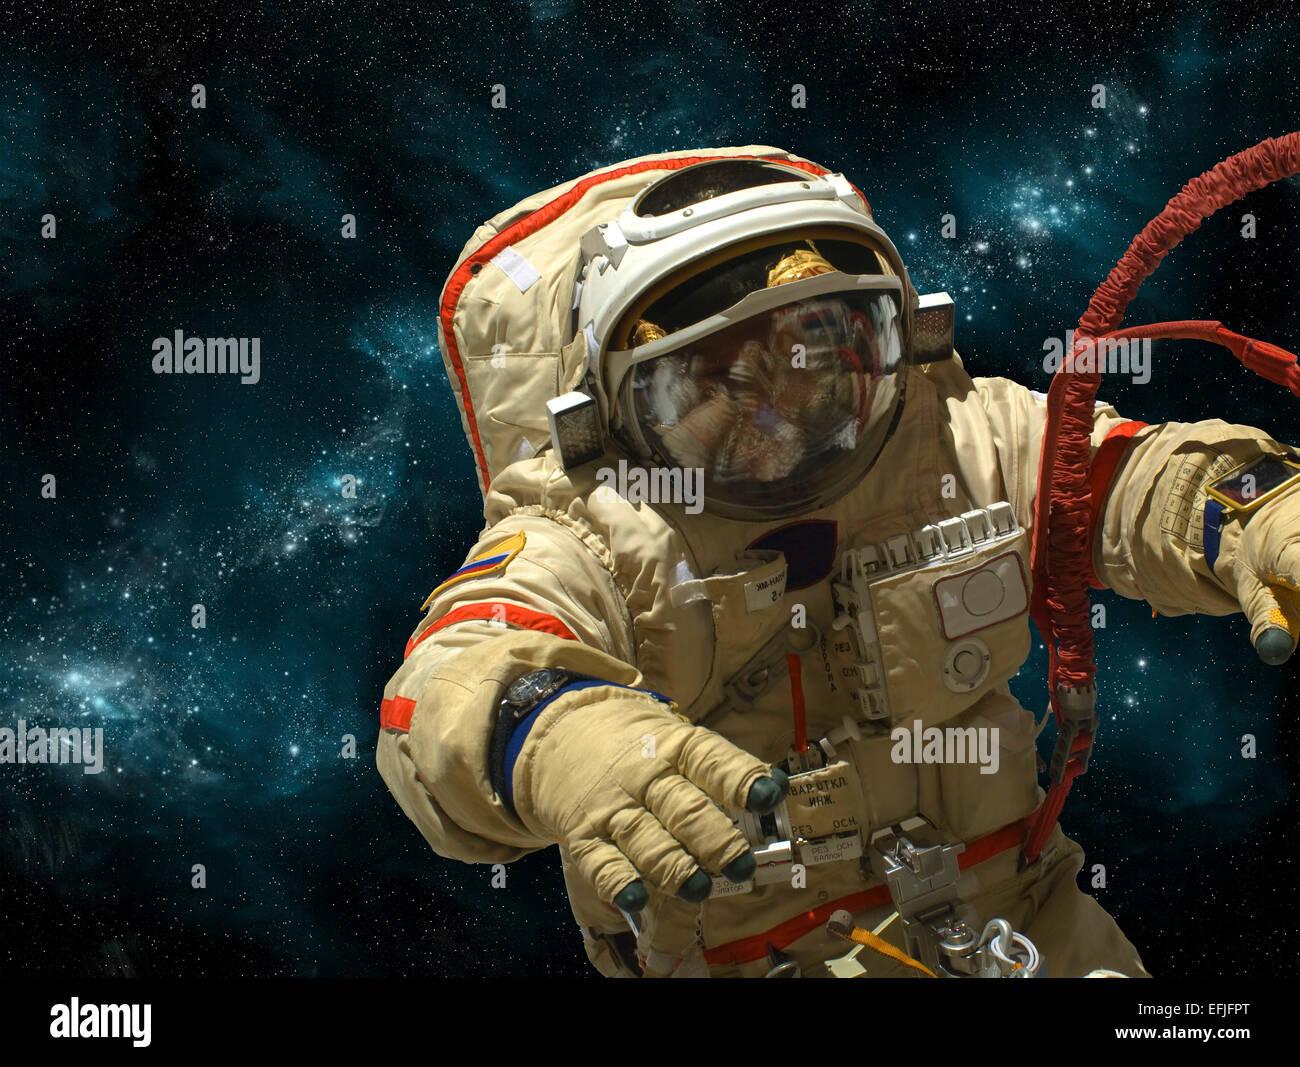 Un cosmonauta galleggia nello spazio profondo su uno sfondo di stelle e la nebulosa. Immagini Stock